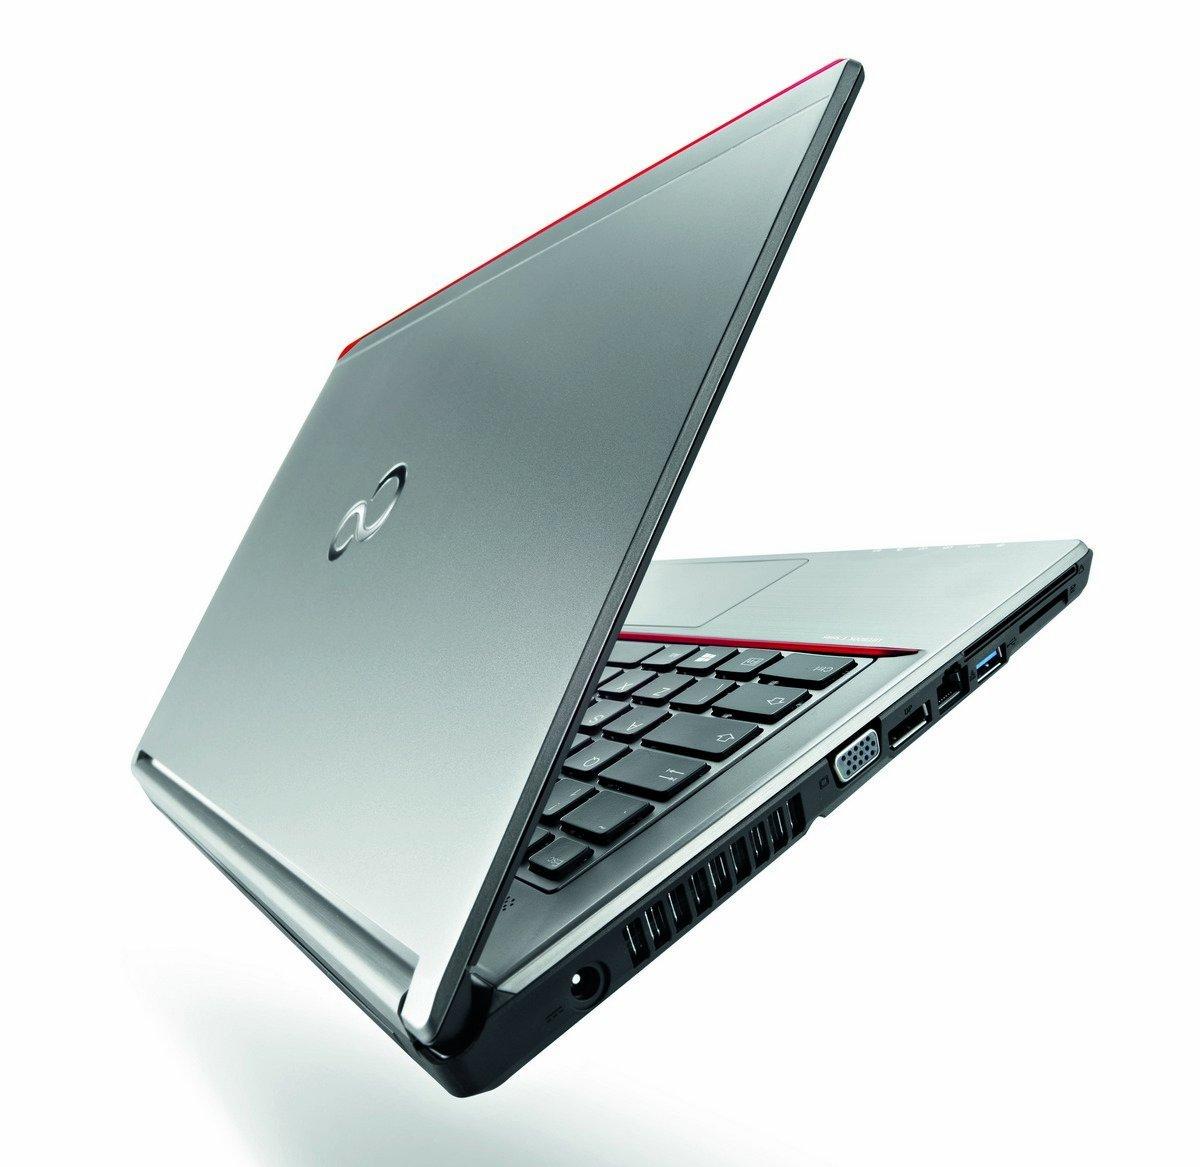 FUJITSU LifeBook E734 i5-4210M Portatīvais dators